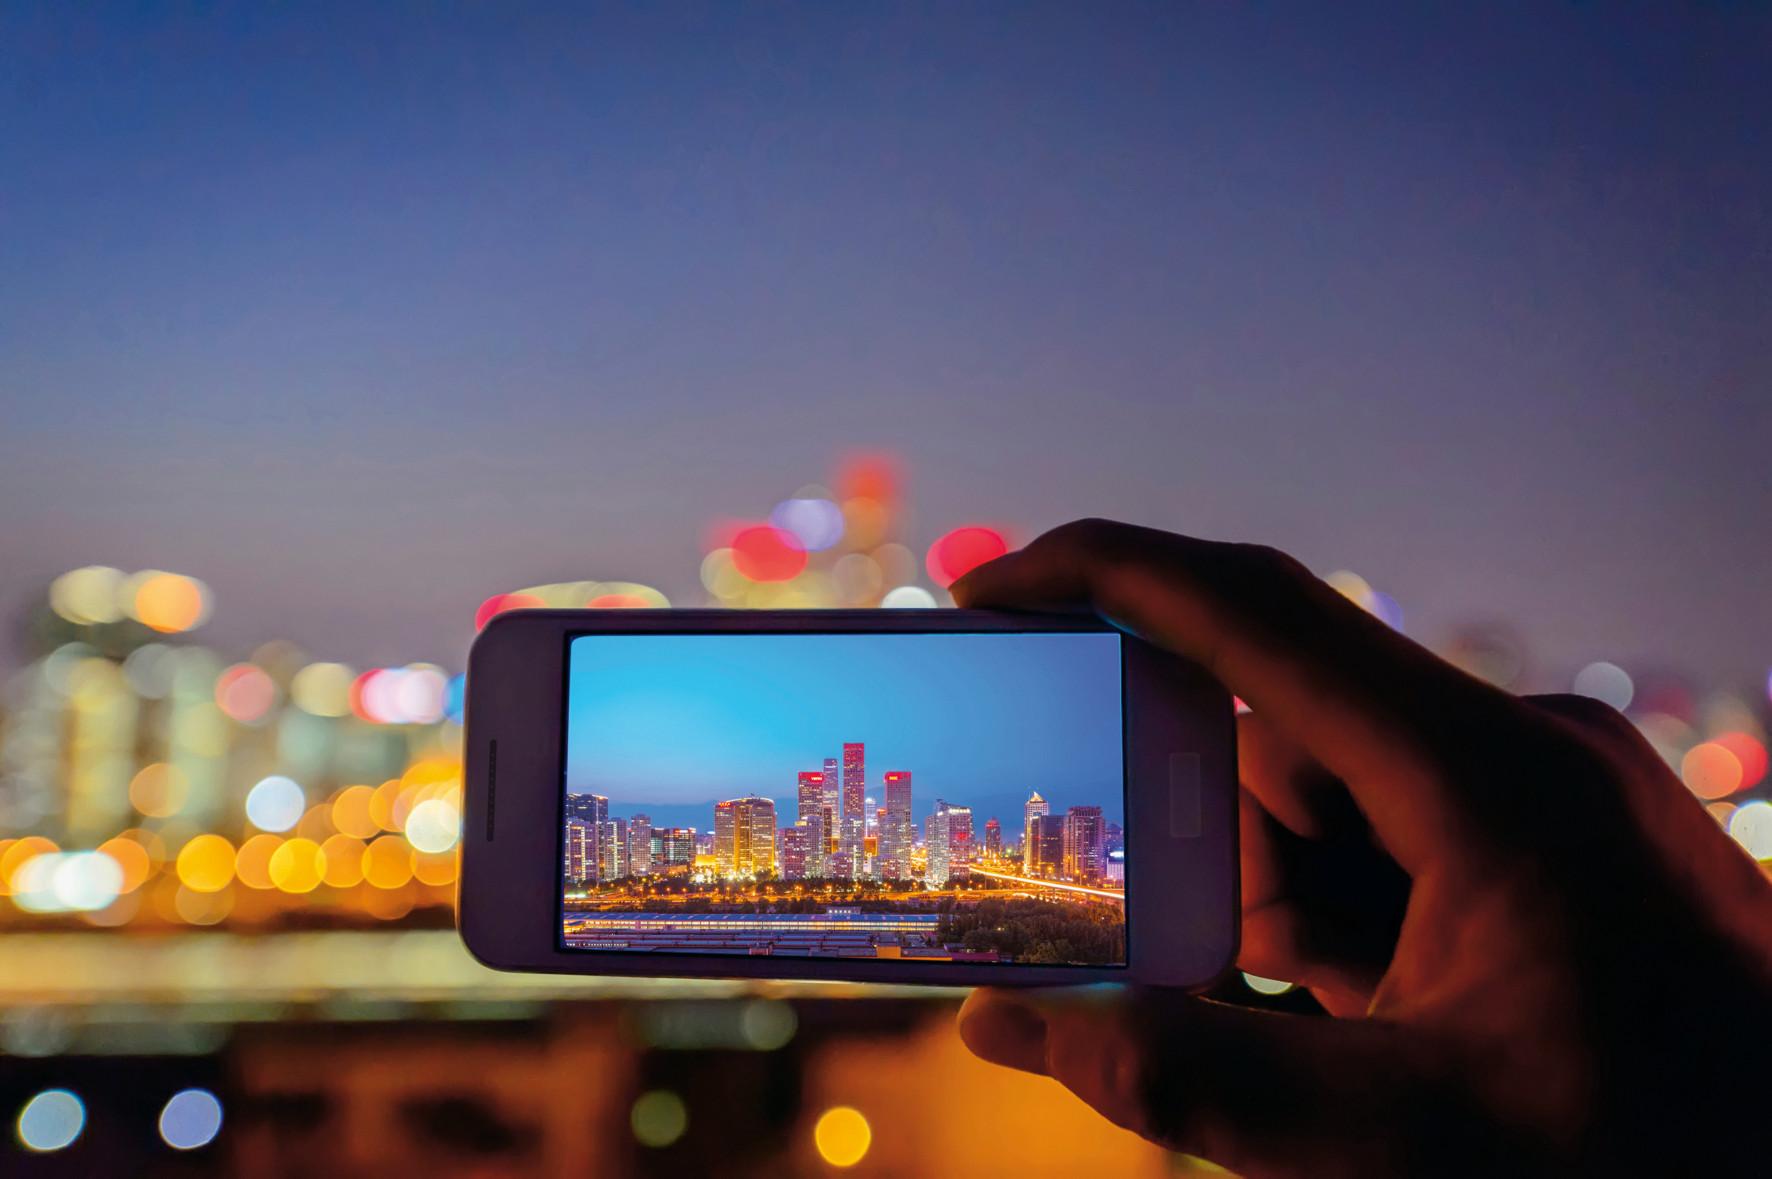 Scharfe Aufnahmen auch ohne Stativ zu erhalten und damit das natürliche Zittern der Hand oder Vibrationen eines Fahrzeugs auszugleichen, zählt heute zu den wichtigen Anforderungen an moderne Kamerasysteme. Bild: PI